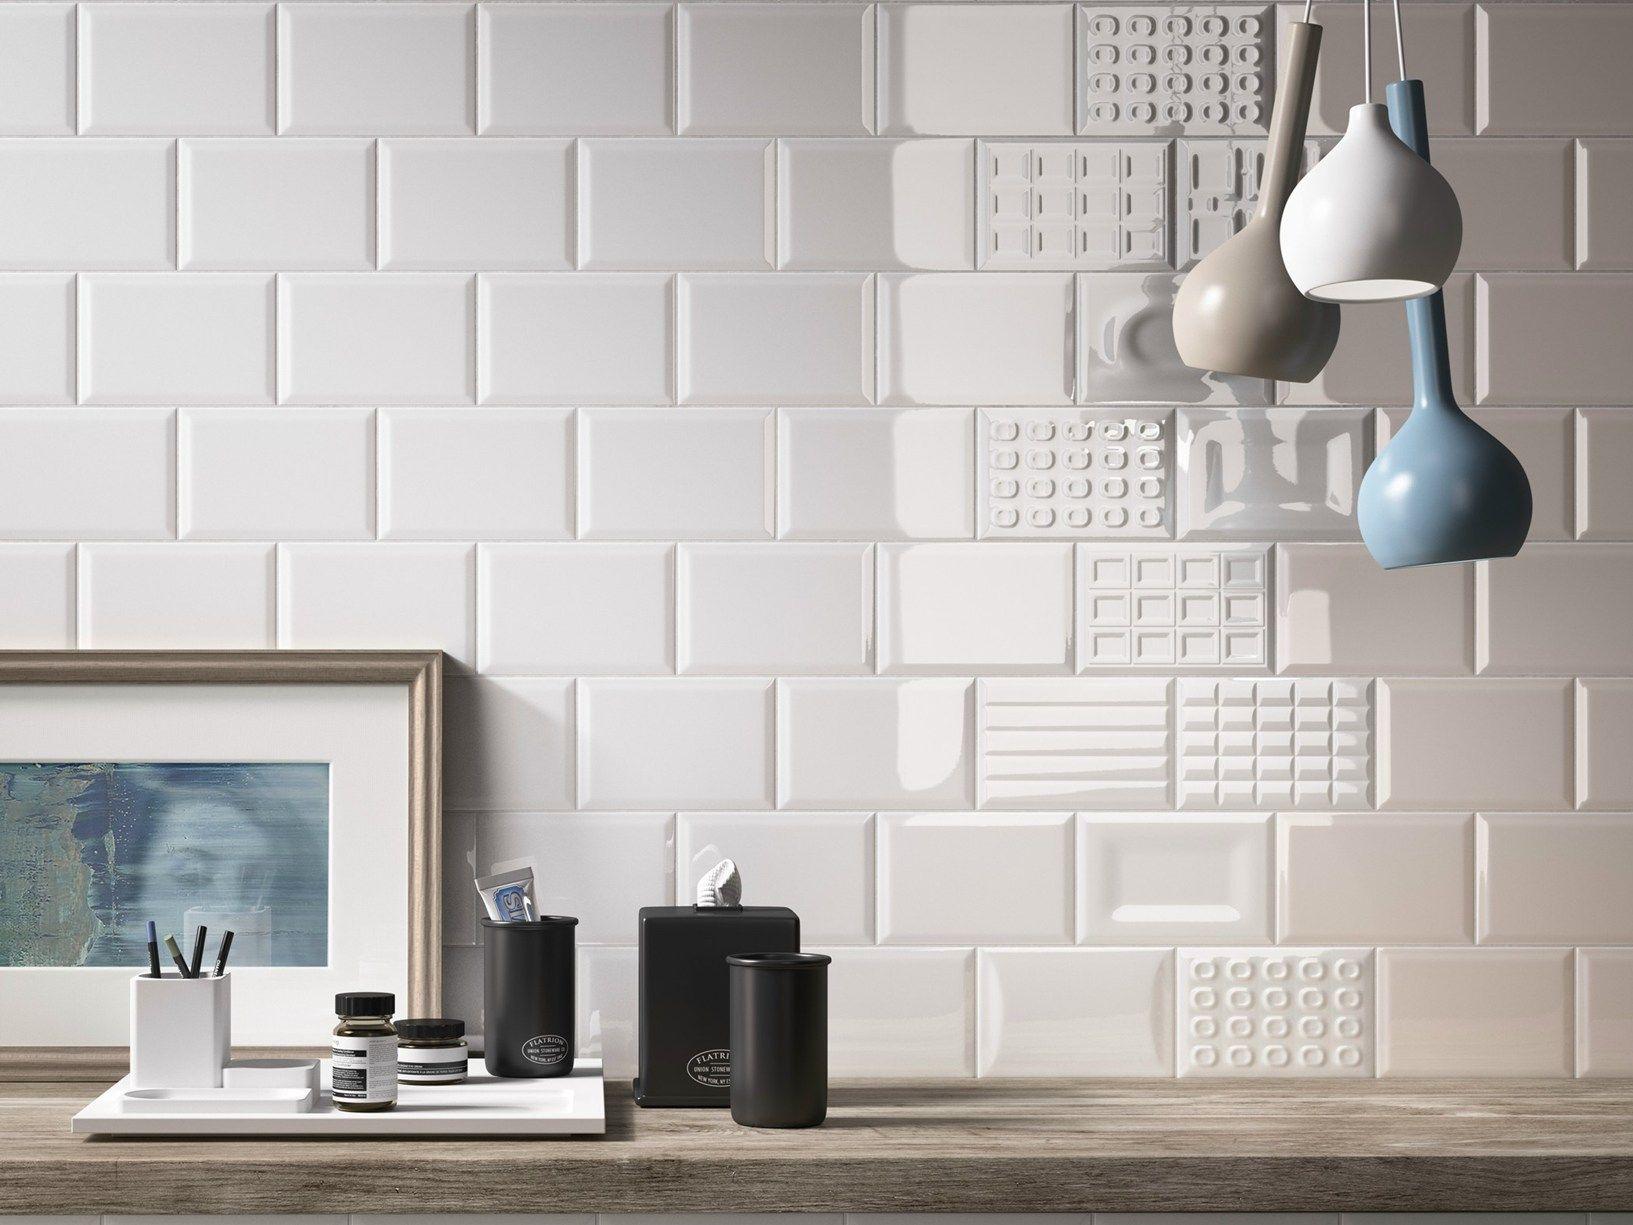 Ampia verietà estetica e di formati per Cooperativa Ceramica d'Imola